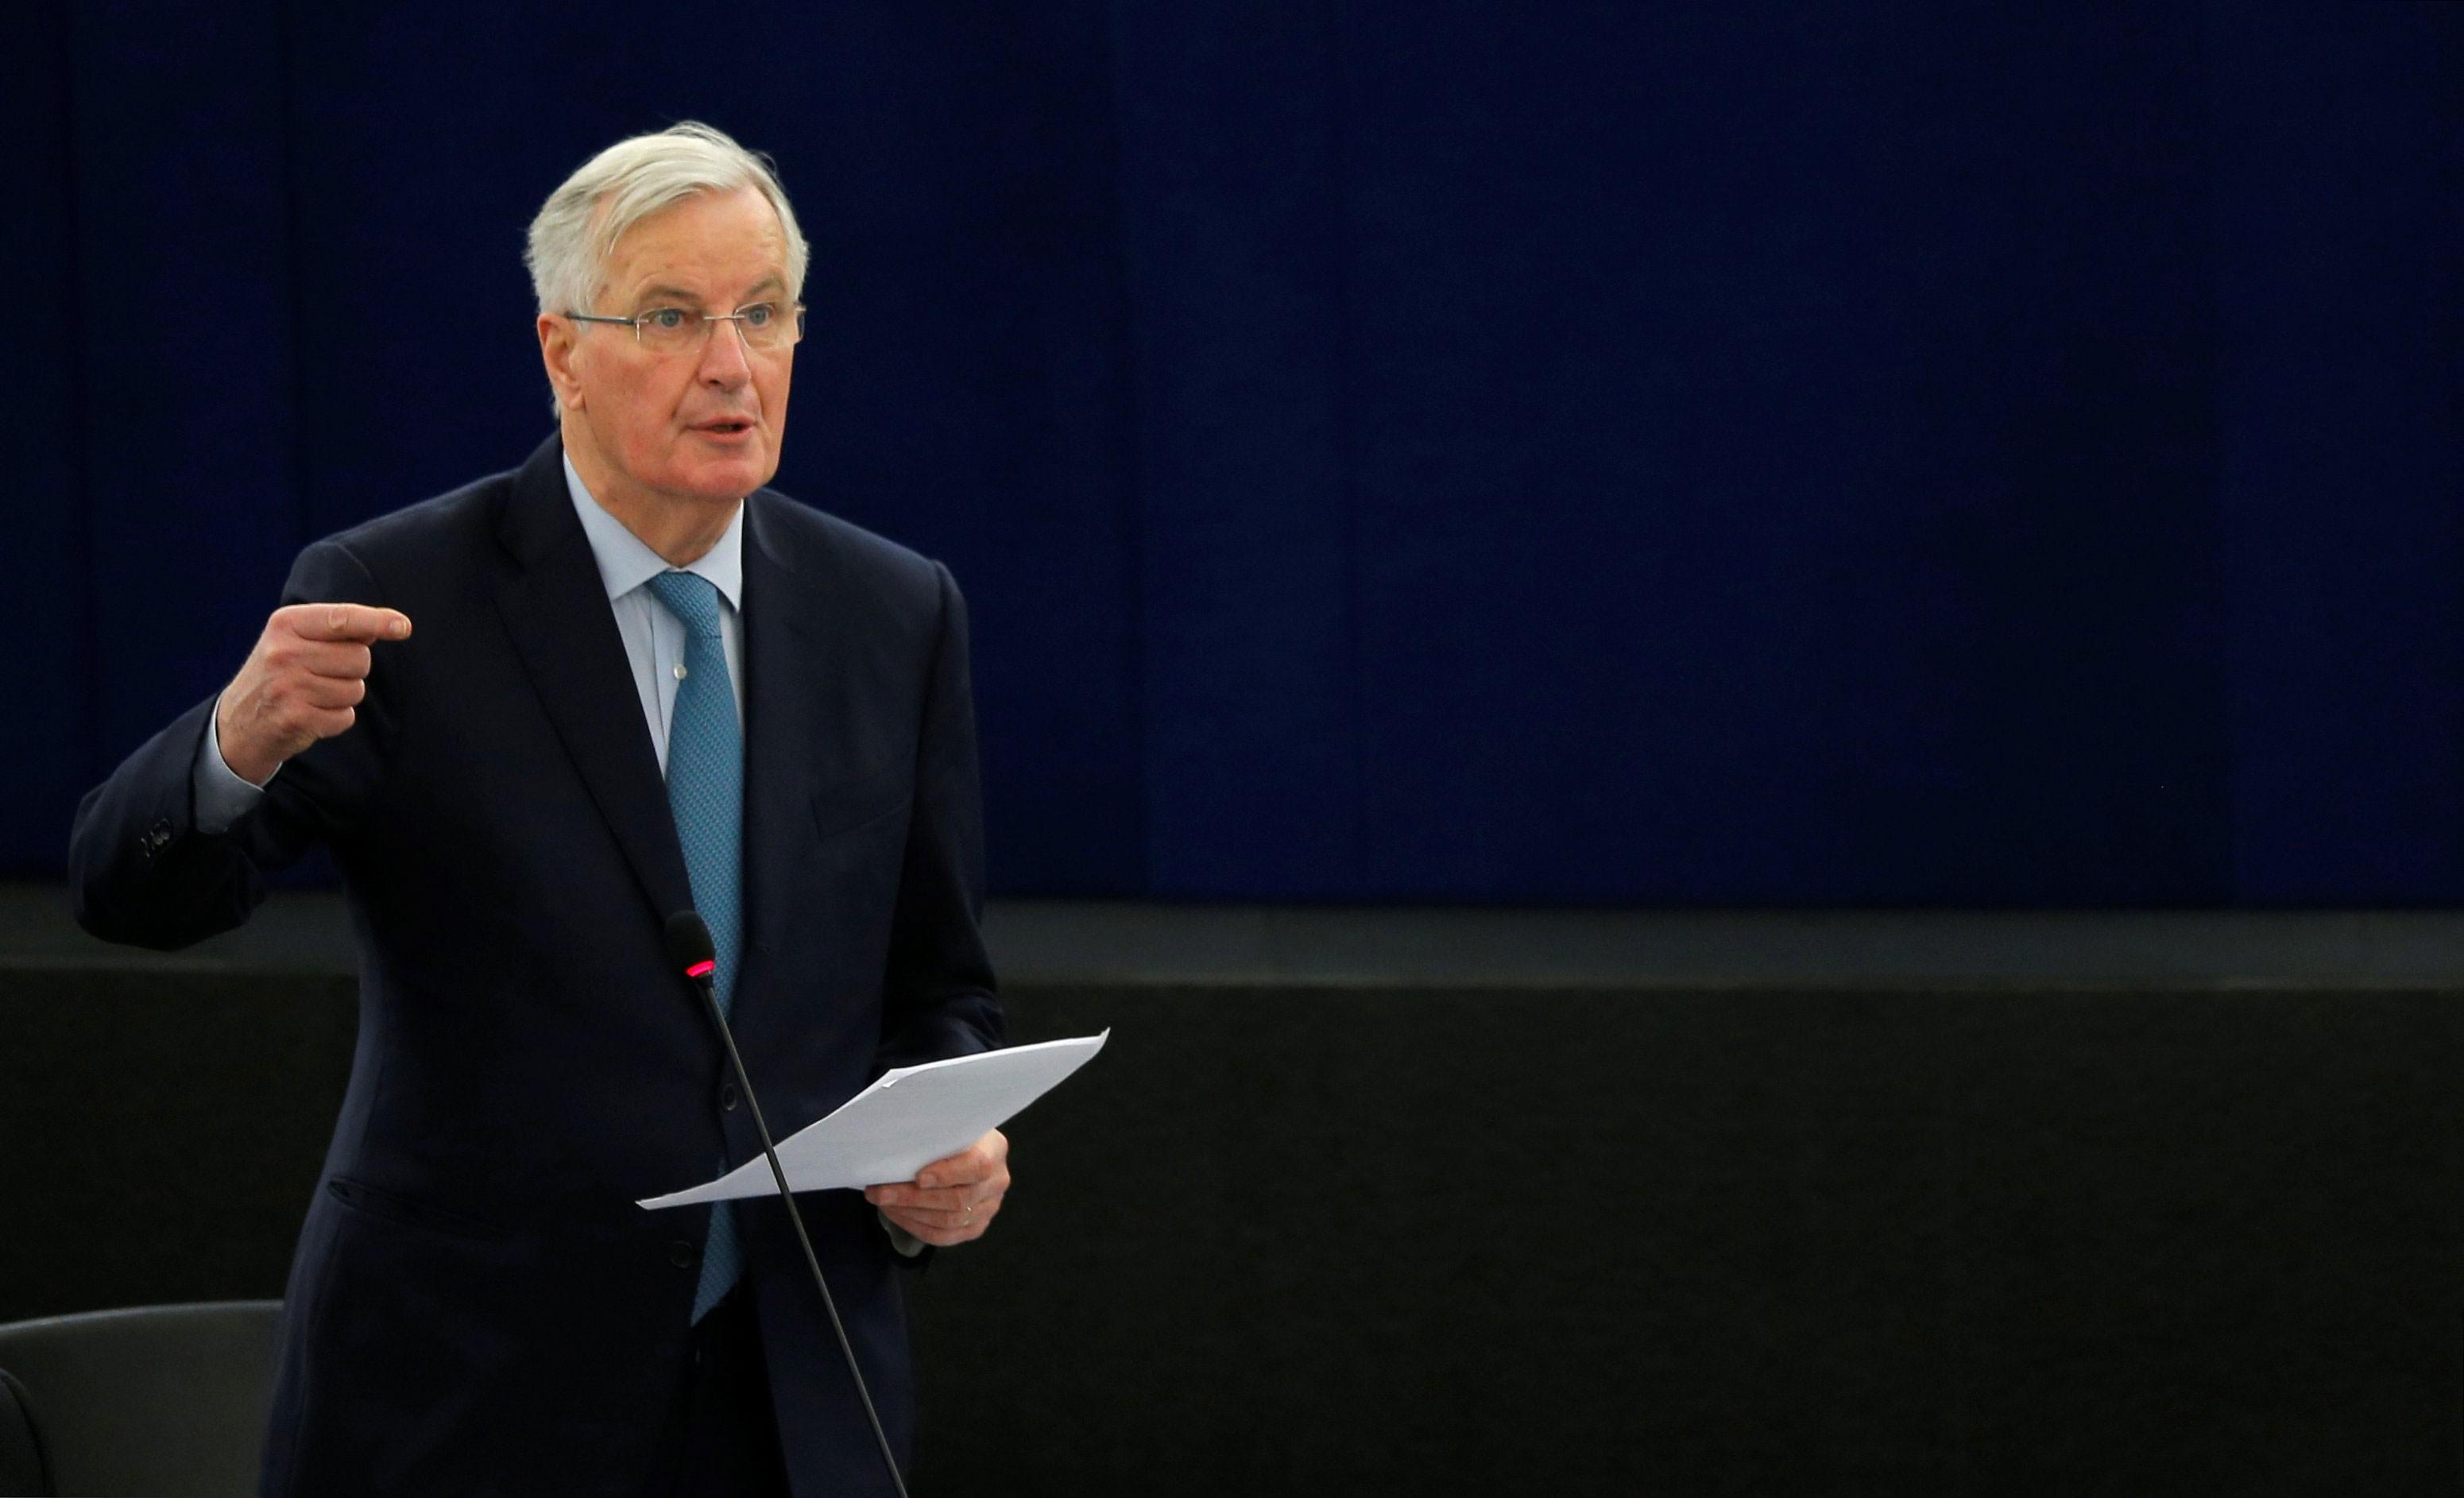 'Nunca o risco de um não acordo pareceu tão alto', avalia negociador europeu para o Brexit